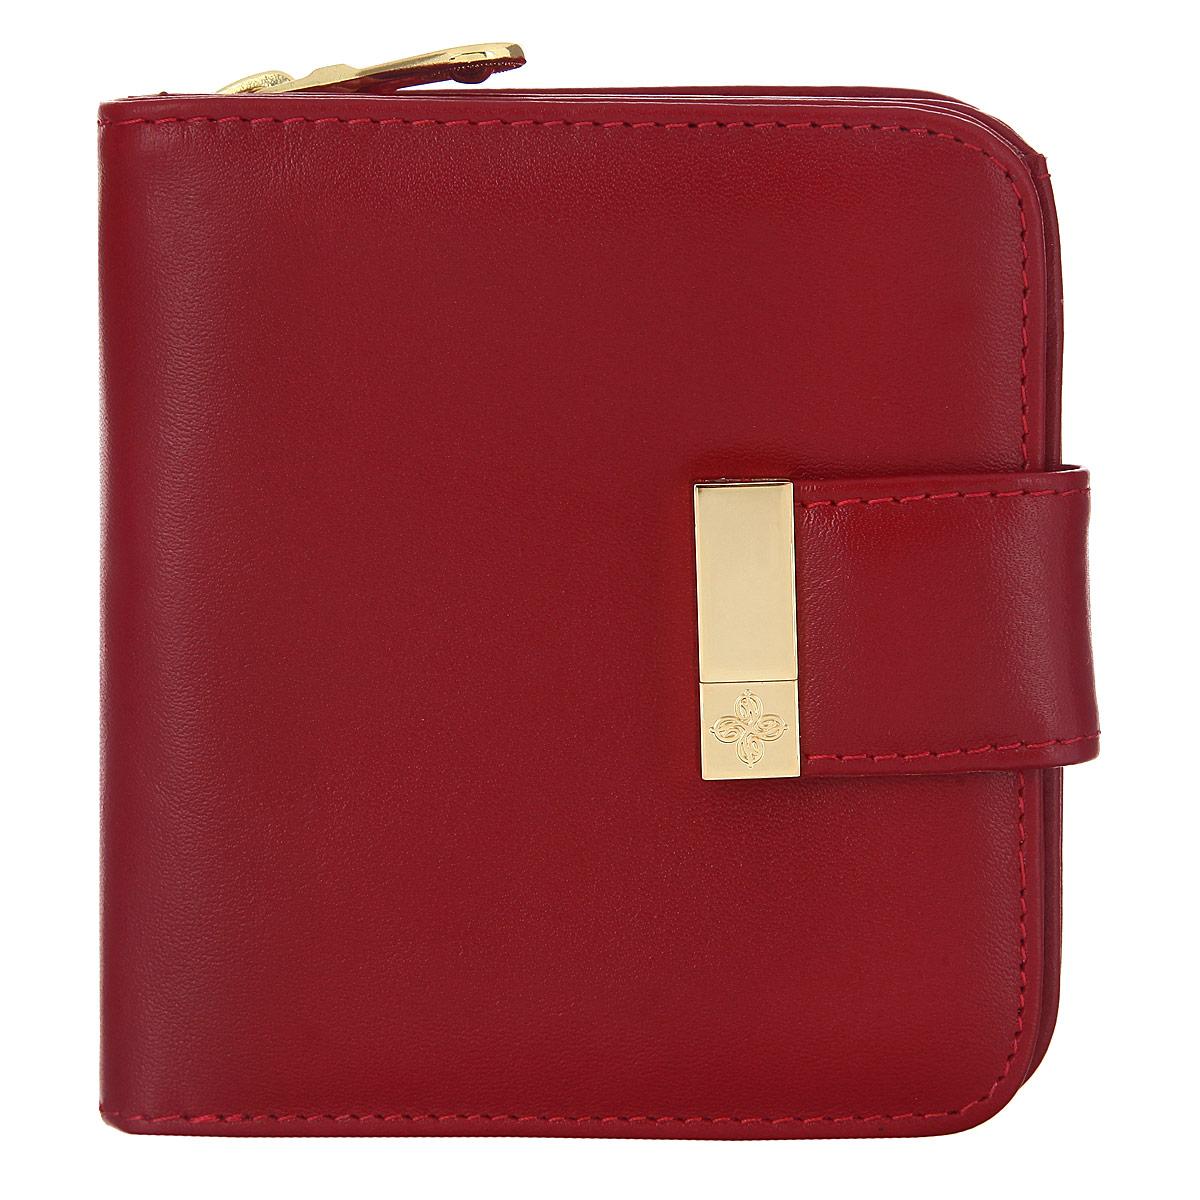 Кошелек Dimanche, цвет красный. 0481-022_516Стильный кошелек Dimanche выполнен из натуральной кожи, оформлен металлическим элементом с логотипом бренда.Изделие содержит дваотделения. Первое отделение для монет закрывается на молнию. Второе отделение раскладывается, дополнительно закрывается на клапан с магнитной кнопкой. Отделение включает в себя: шесть кармашков для визиток или пластиковых карт, два потайных кармана для документов, два отделения для купюр. Кошелек упакован в подарочную коробку с логотипом фирмы.Такой кошелек станет замечательным подарком человеку, ценящему качественные и практичные вещи.